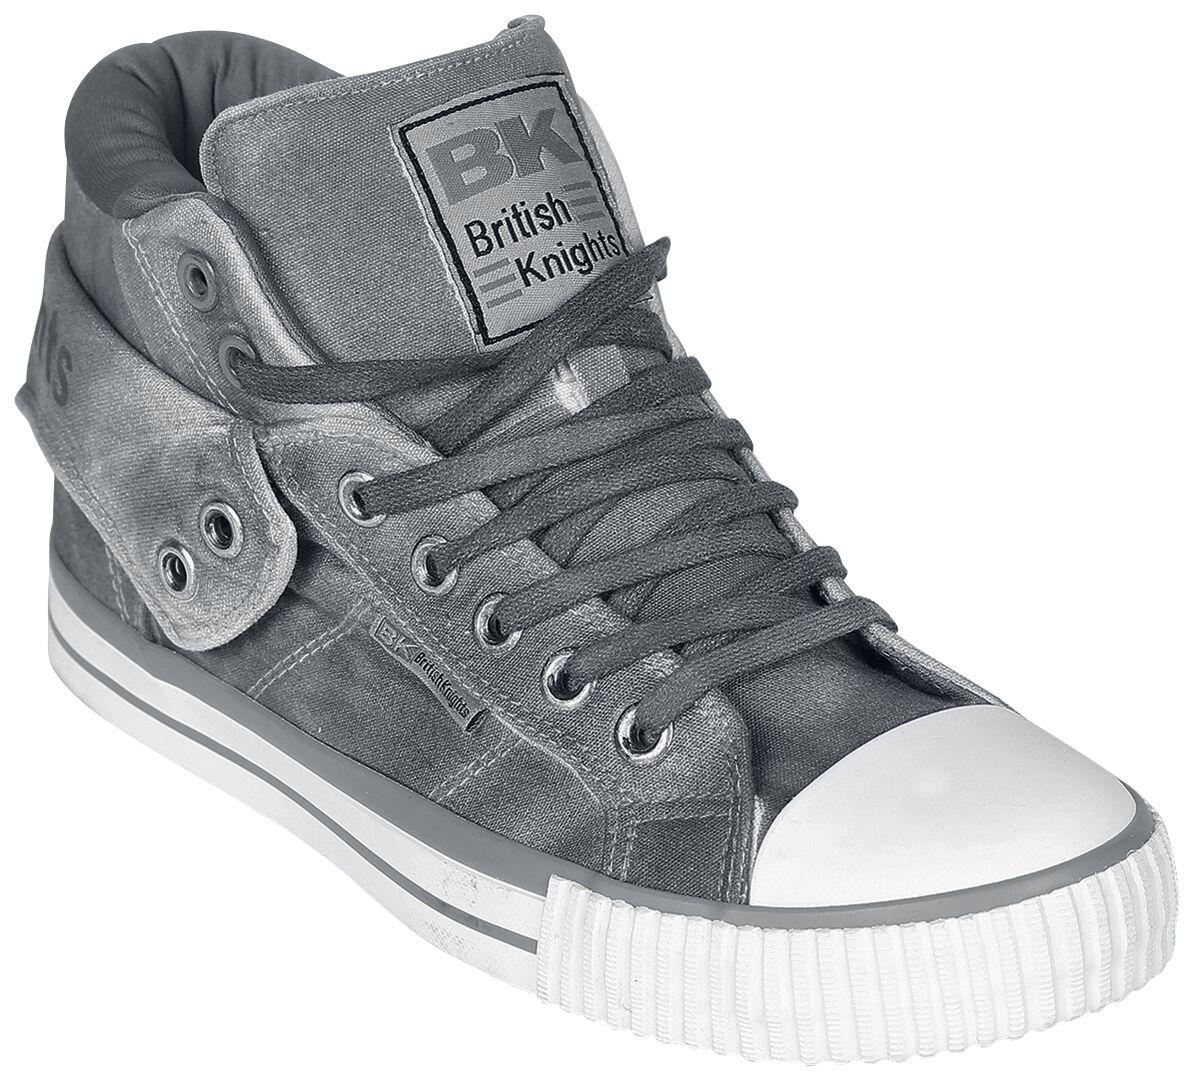 Sneakers für Frauen - British Knights Roco Sneaker grau  - Onlineshop EMP